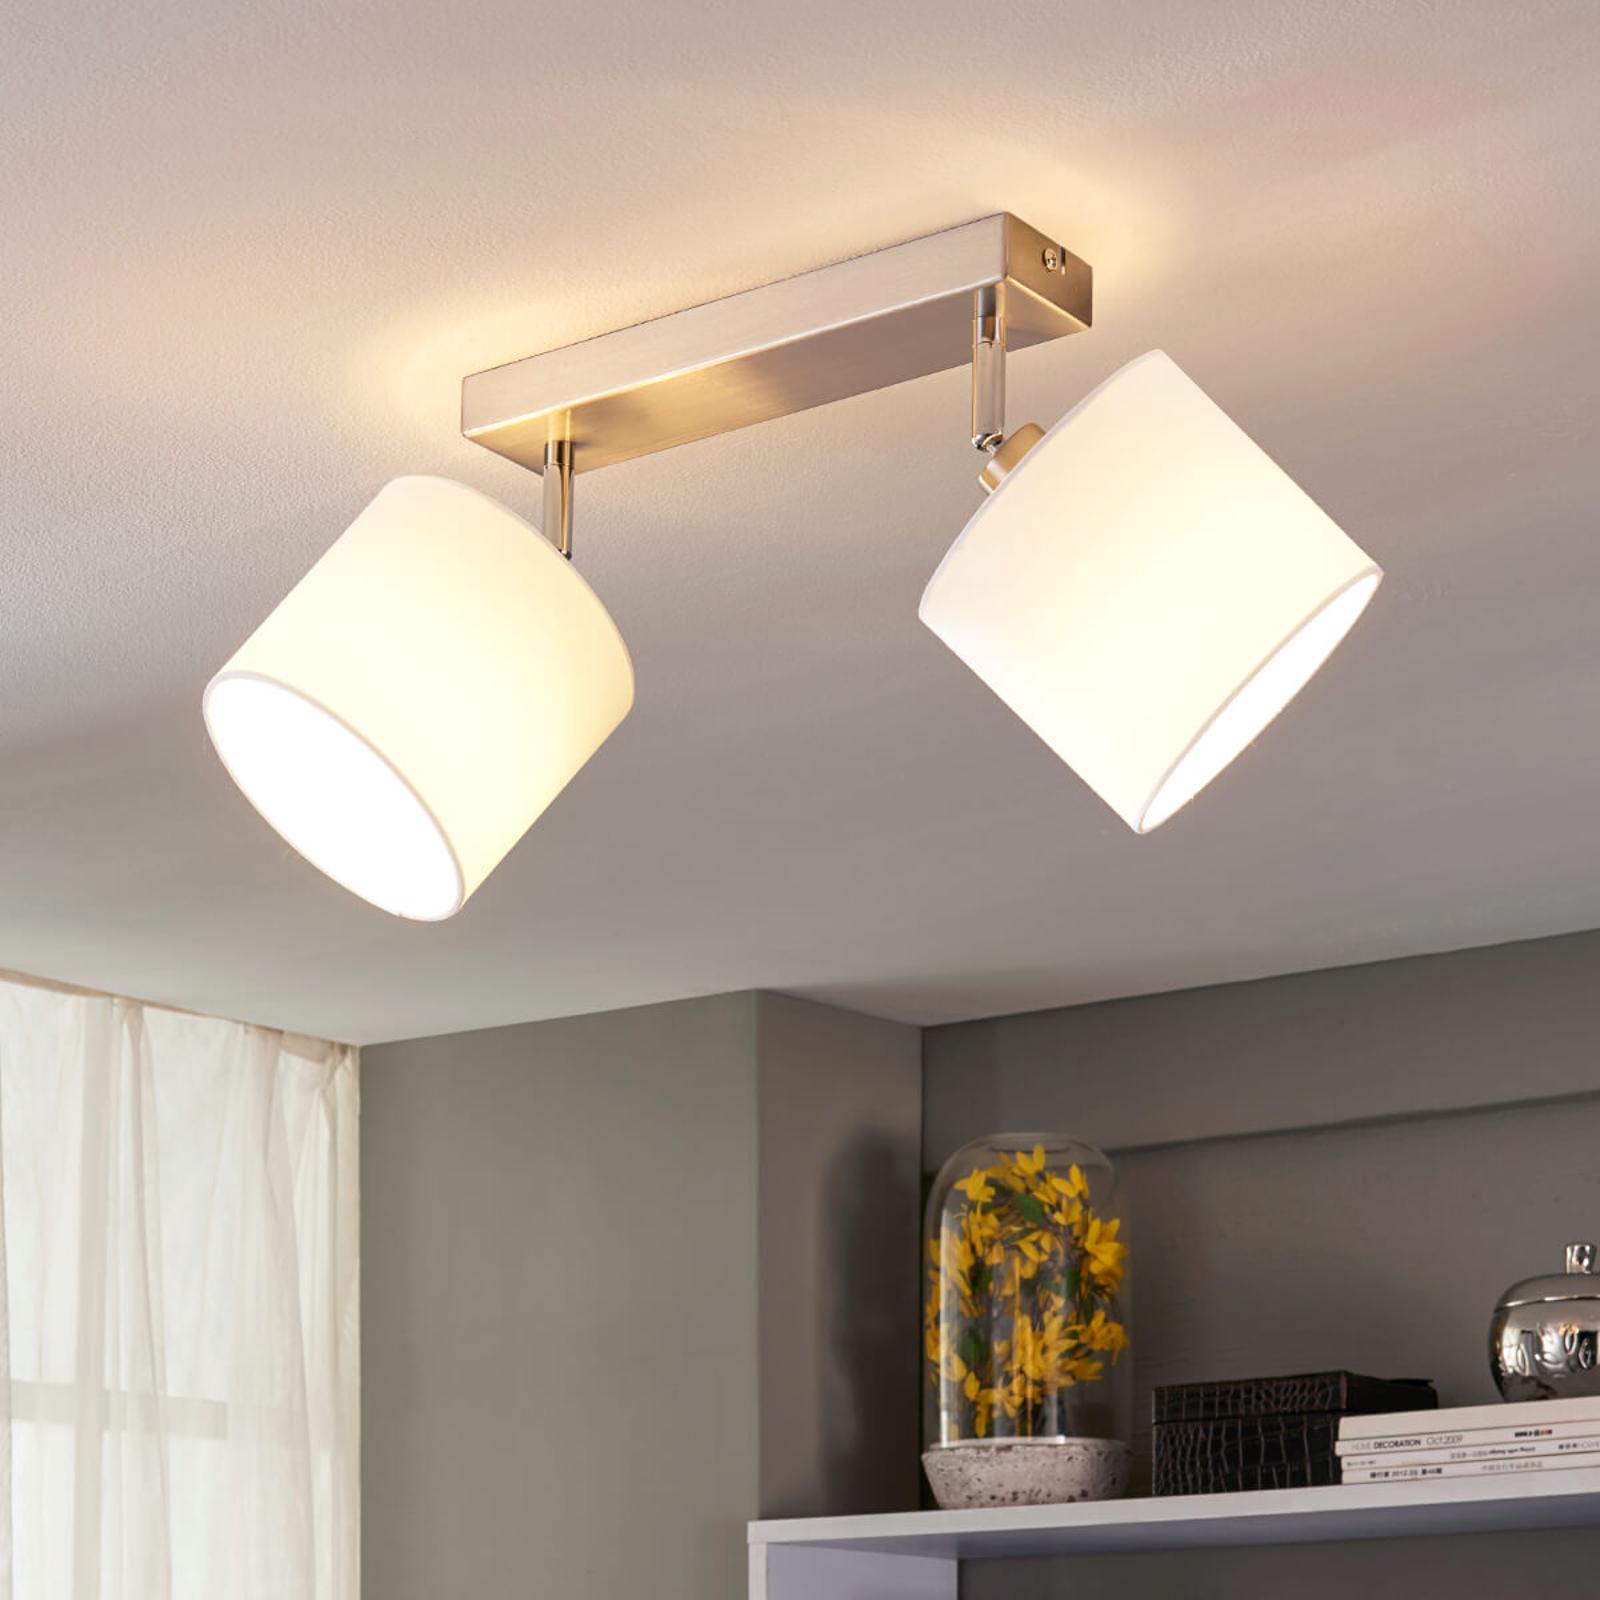 2-punktowa lampa sufitowa LED, klosze z tkaniny